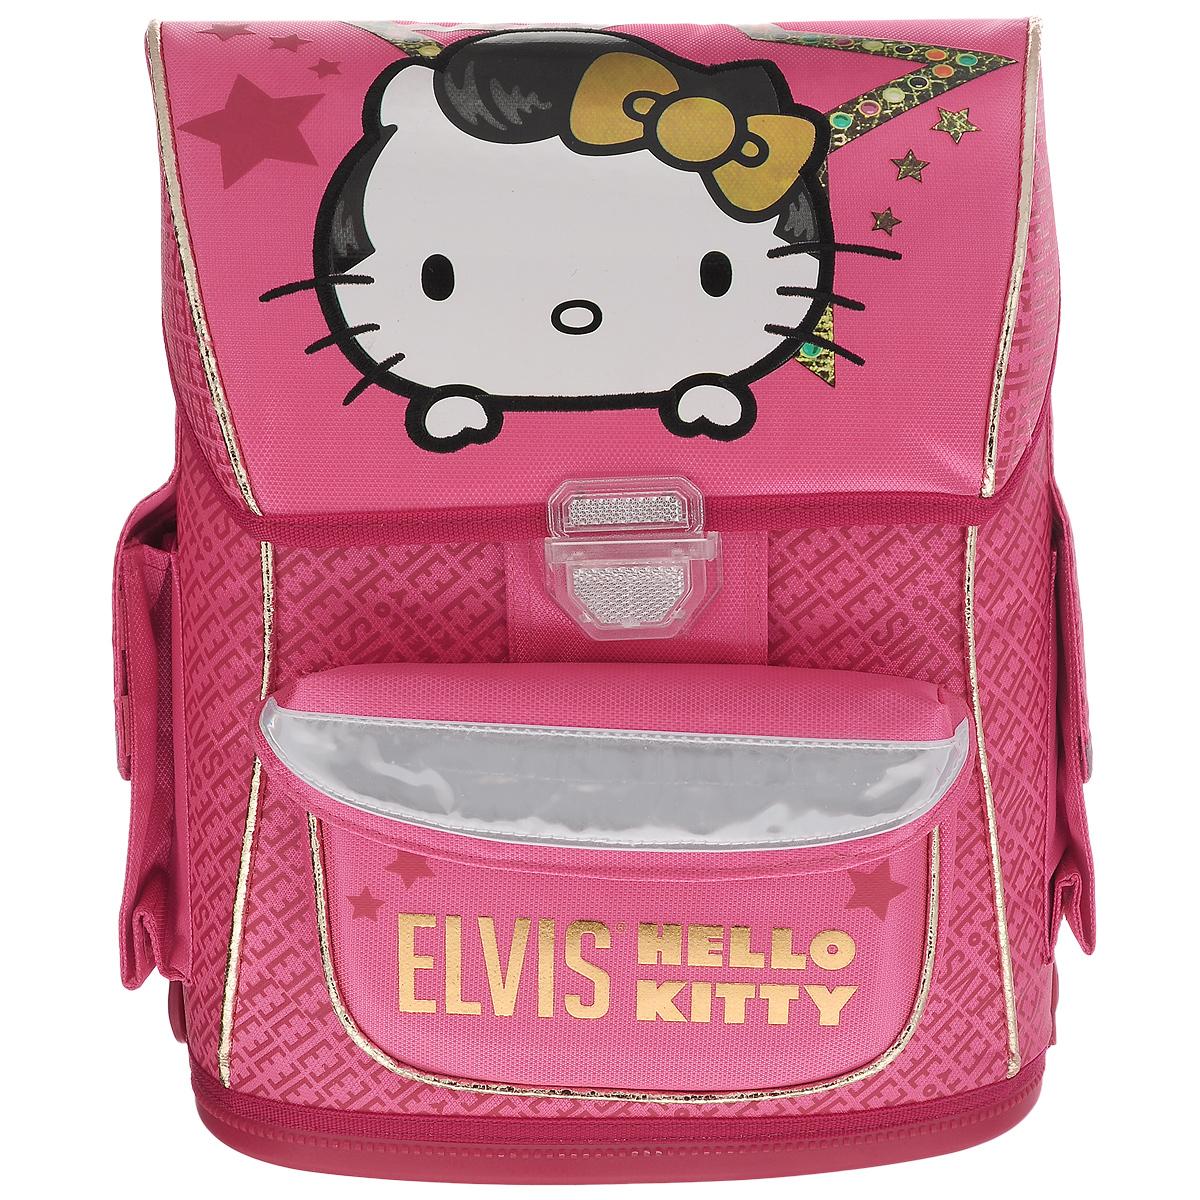 Ранец школьный Hello Kitty. Elvis, с наполнением, цвет: розовый, белыйHKOZ-UT1-568SETШкольный ранец Hello Kitty выполнен из современного легкого и прочного материала ярко-розового цвета, дополненный яркими аппликациями с кошечкой Kitty. Ранец имеет одно основное отделение, закрывающееся на клапан с замком-защелкой. Под крышкой расположен прозрачный пластиковый кармашек для расписания уроков, или для вкладыша с адресом и ФИО владельца. Внутри главного отделения имеется пришивной кармашек для мелочи и расположены два разделителя, предназначенные для размещения предметов без сложения, размером до формата А4 включительно. На лицевой стороне ранца расположен накладной карман на липучке. По бокам ранца размещены два дополнительных накладных кармана под клапанами, с липучкой. Рельеф спинки ранца разработан с учетом особенности детского позвоночника.Ранец оснащен петлей для подвешивания и двумя широкими лямками, регулируемой длины. Дно ранца полностью пластиковое. Многофункциональный школьный ранец станет незаменимым спутником вашего ребенка в походах за знаниями. В комплекте с ранцем идет наполнение: Альбом для рисования, формат 290х205, 20 листов; Тетрадь в клетку, 12 листов;Тетрадь в линейку, 12 листов; Дневник школьный; Набор фломастеров, 12 шт; Карандаш чернографитный, с ластиком, 3 шт. Весь товар из наполнения с изображениями кошечки Kitty.